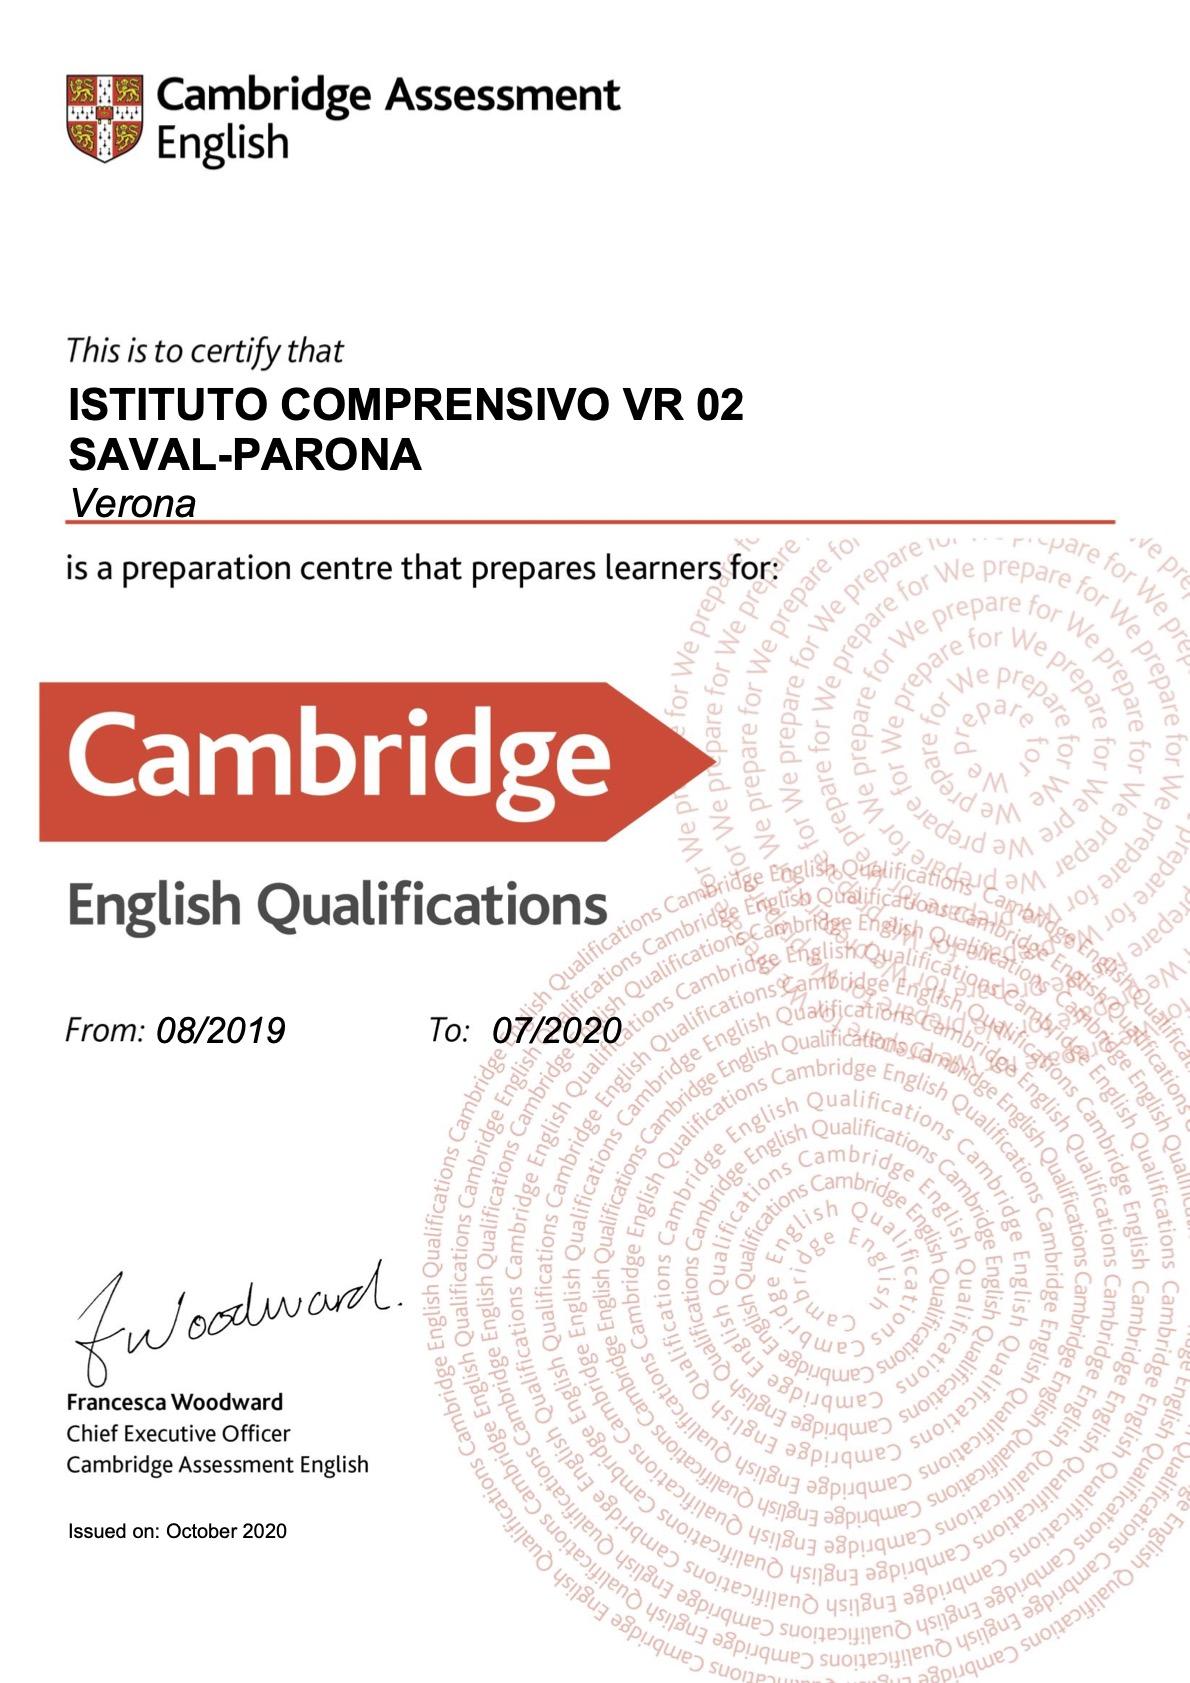 IT365_ISTITUTO COMPRENSIVO VR 02 SAVAL-PARONA